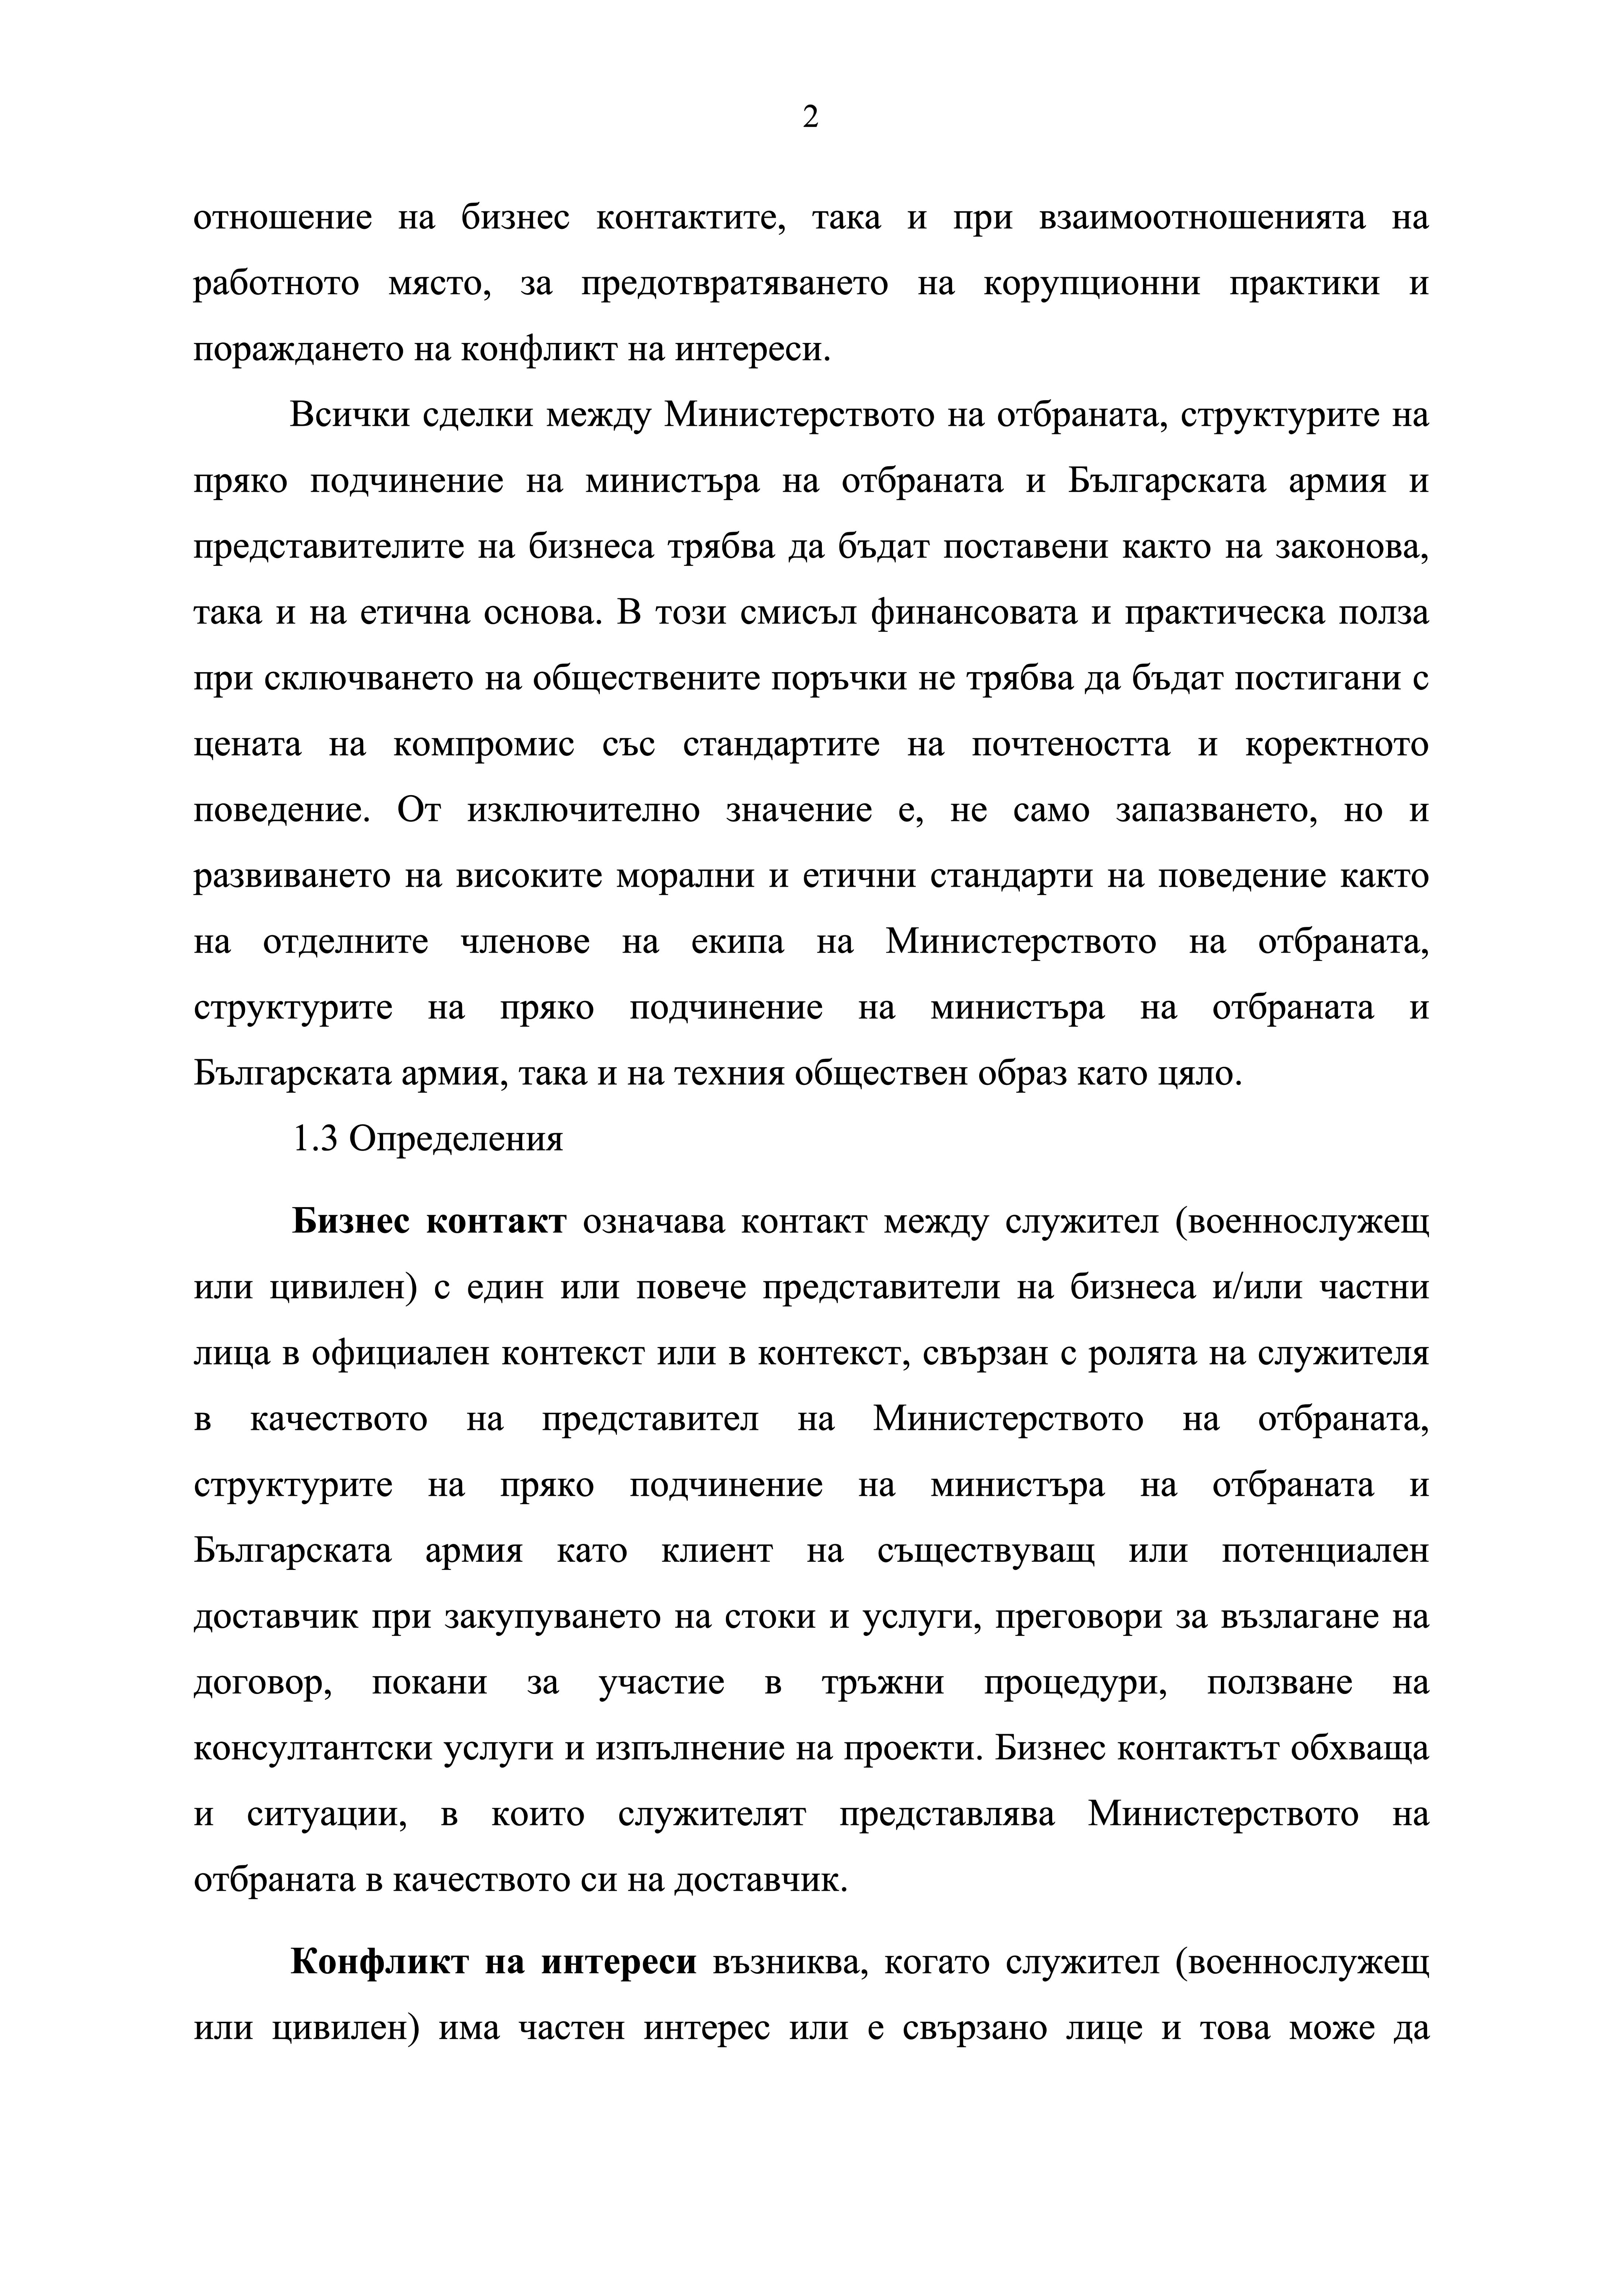 kodeks_etichno_povedenie_002